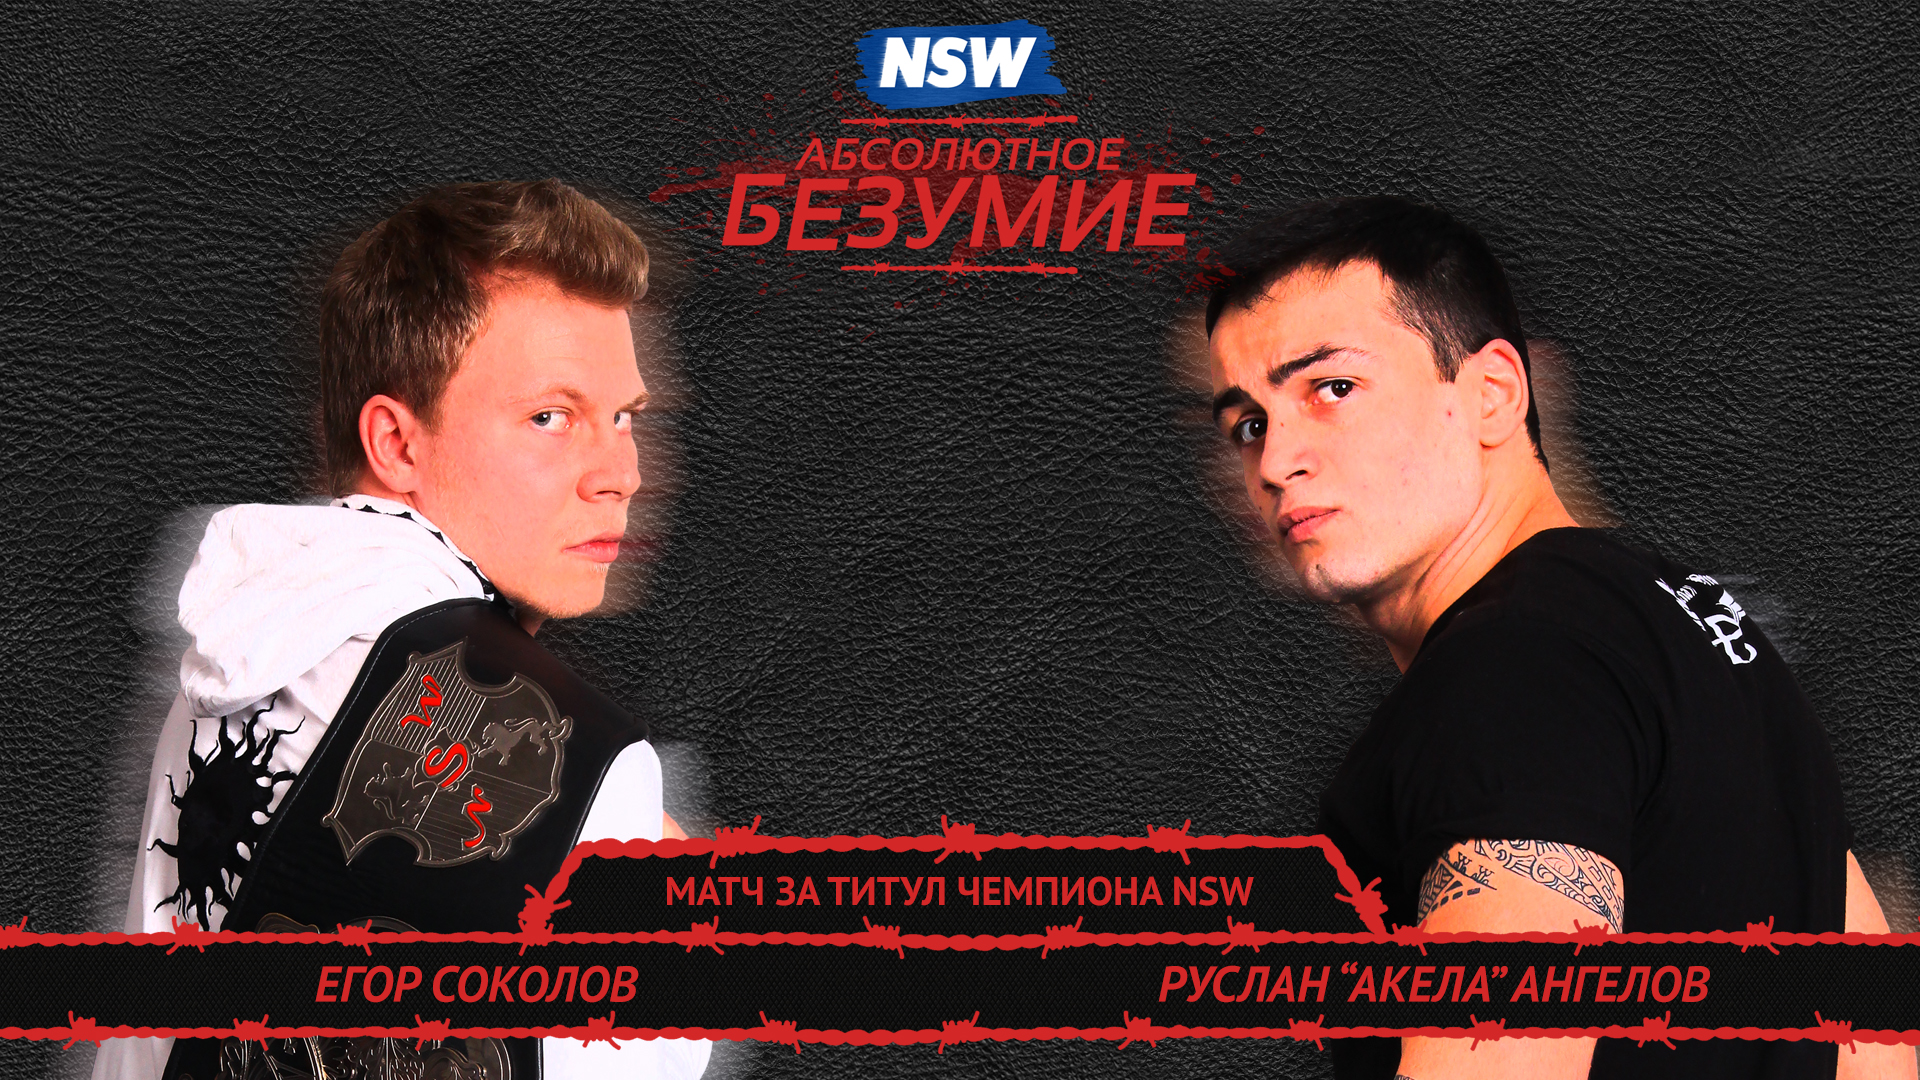 NSW Абсолютное Безумие 2016: Егор Соколов (ч) против Руслана 'Акелы' Ангелова